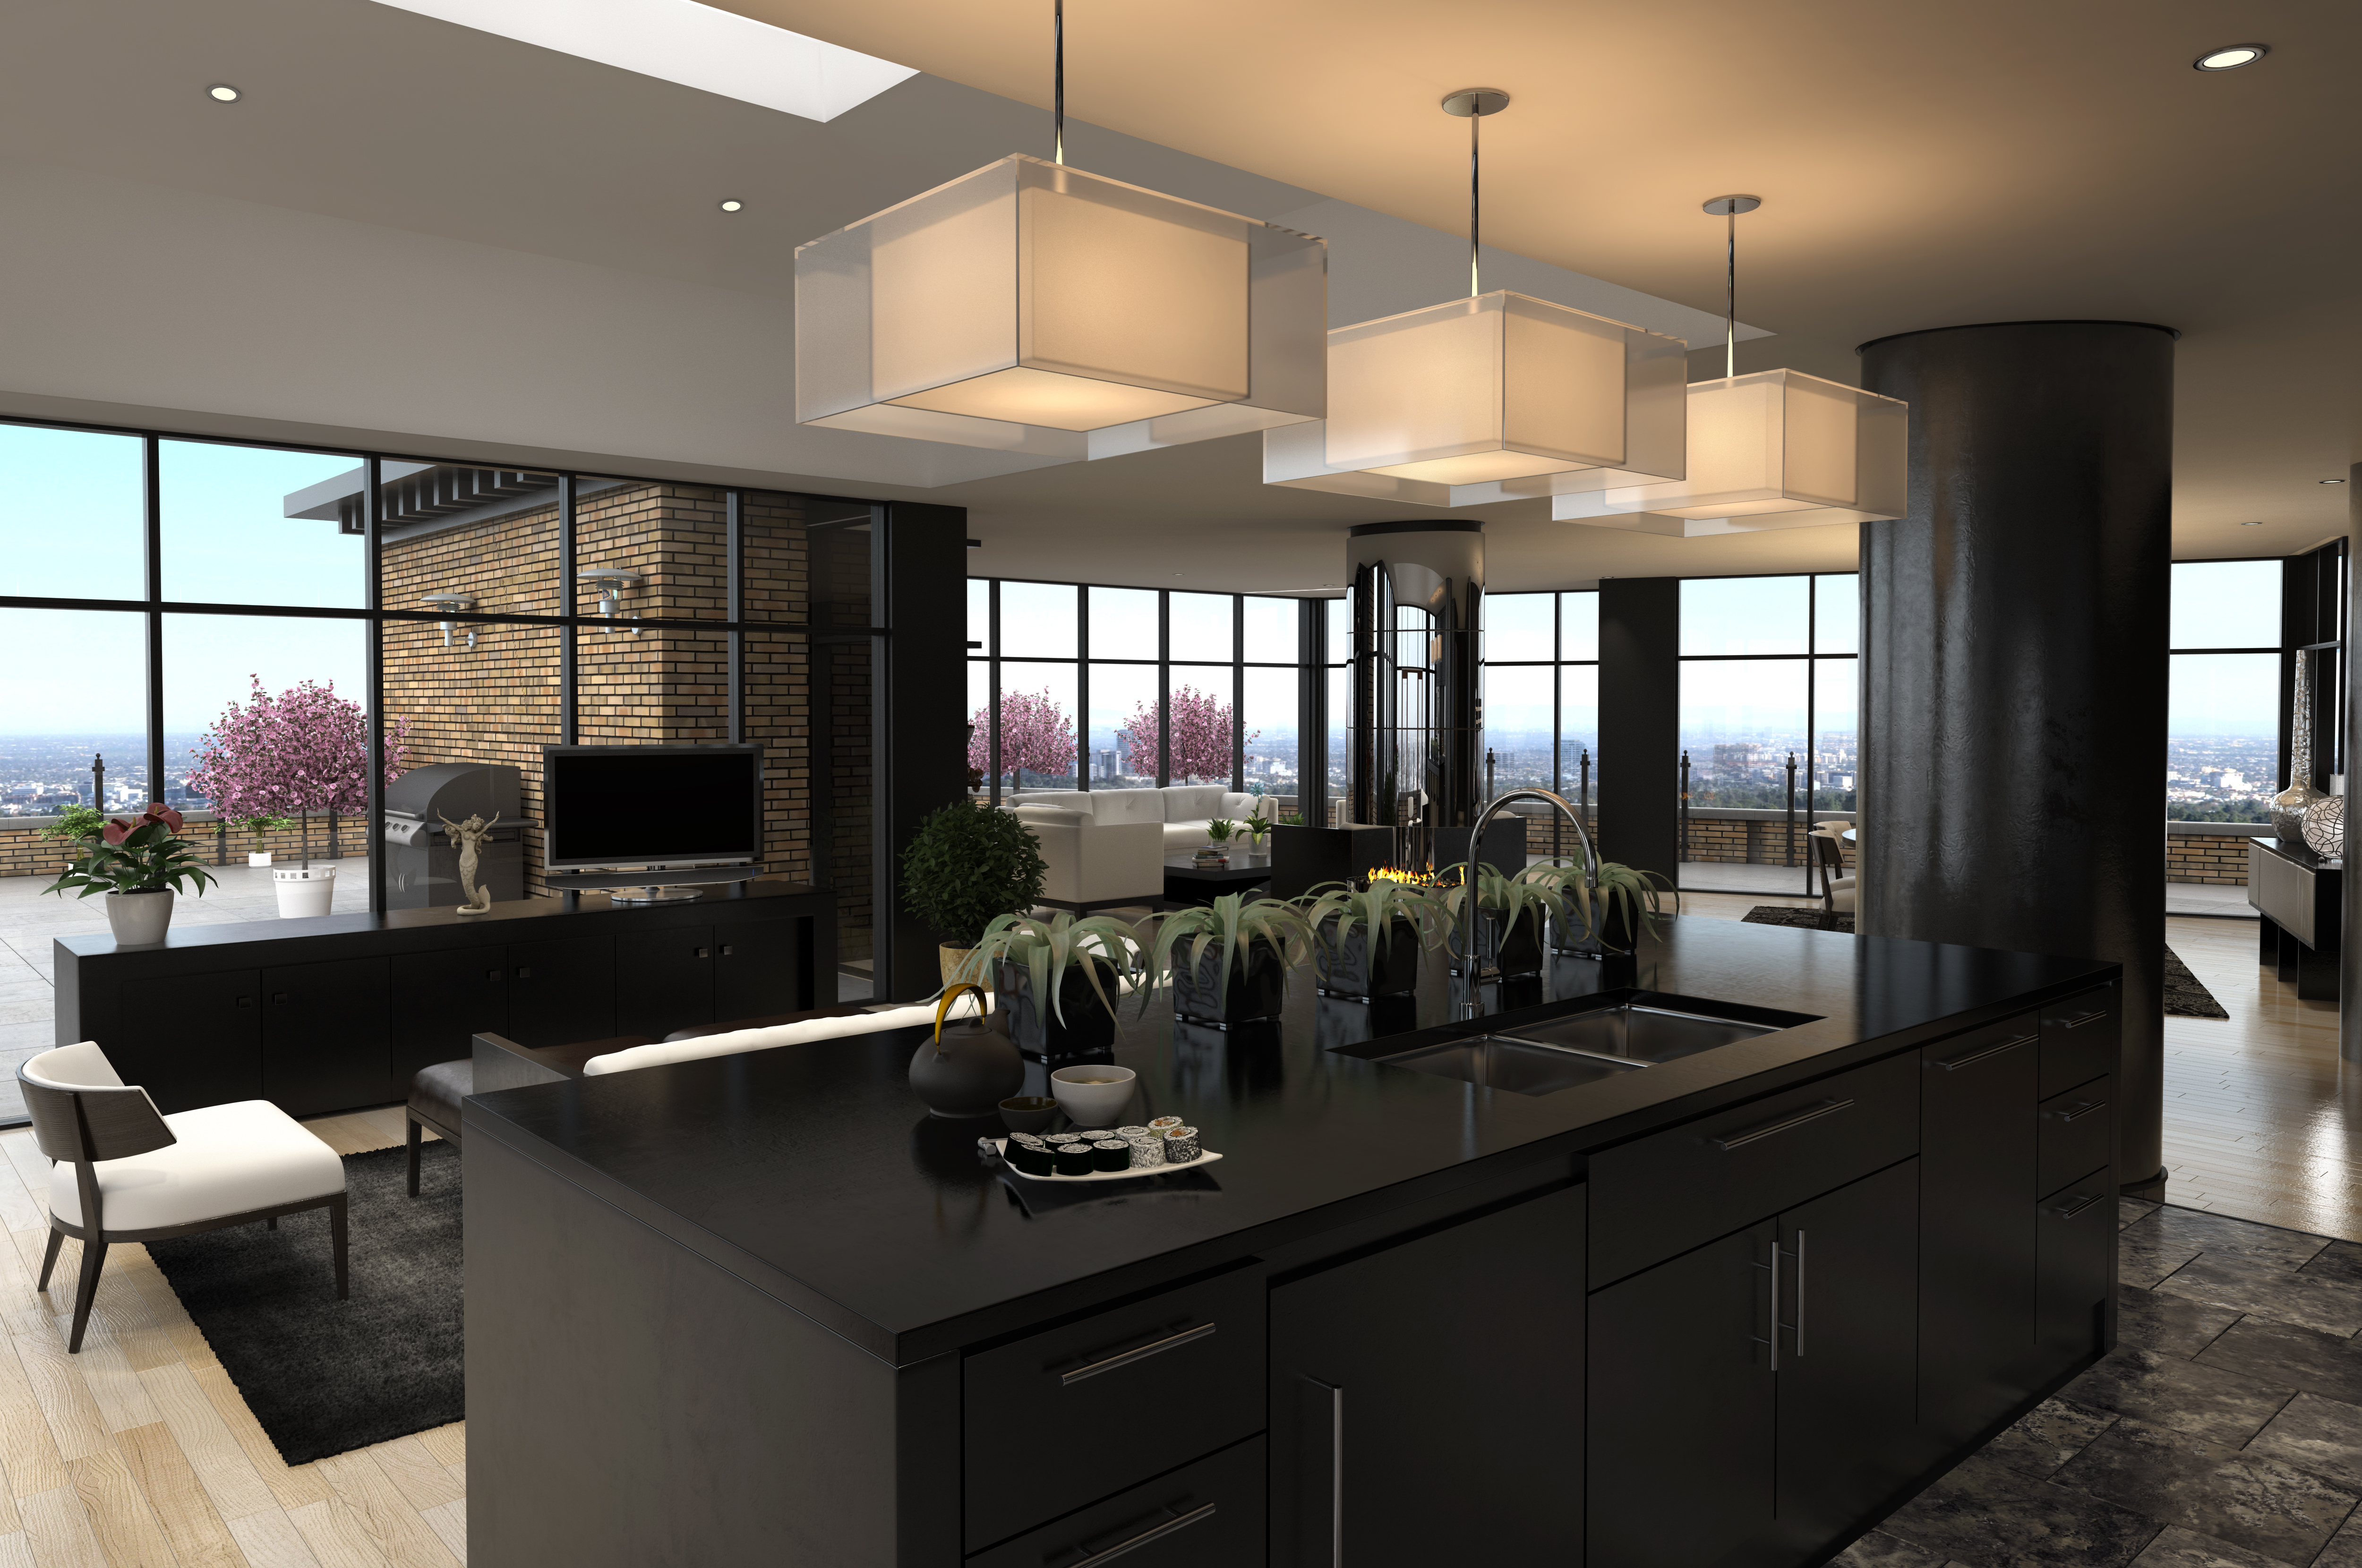 Sei idee per progettare una cucina moderna con isola centrale